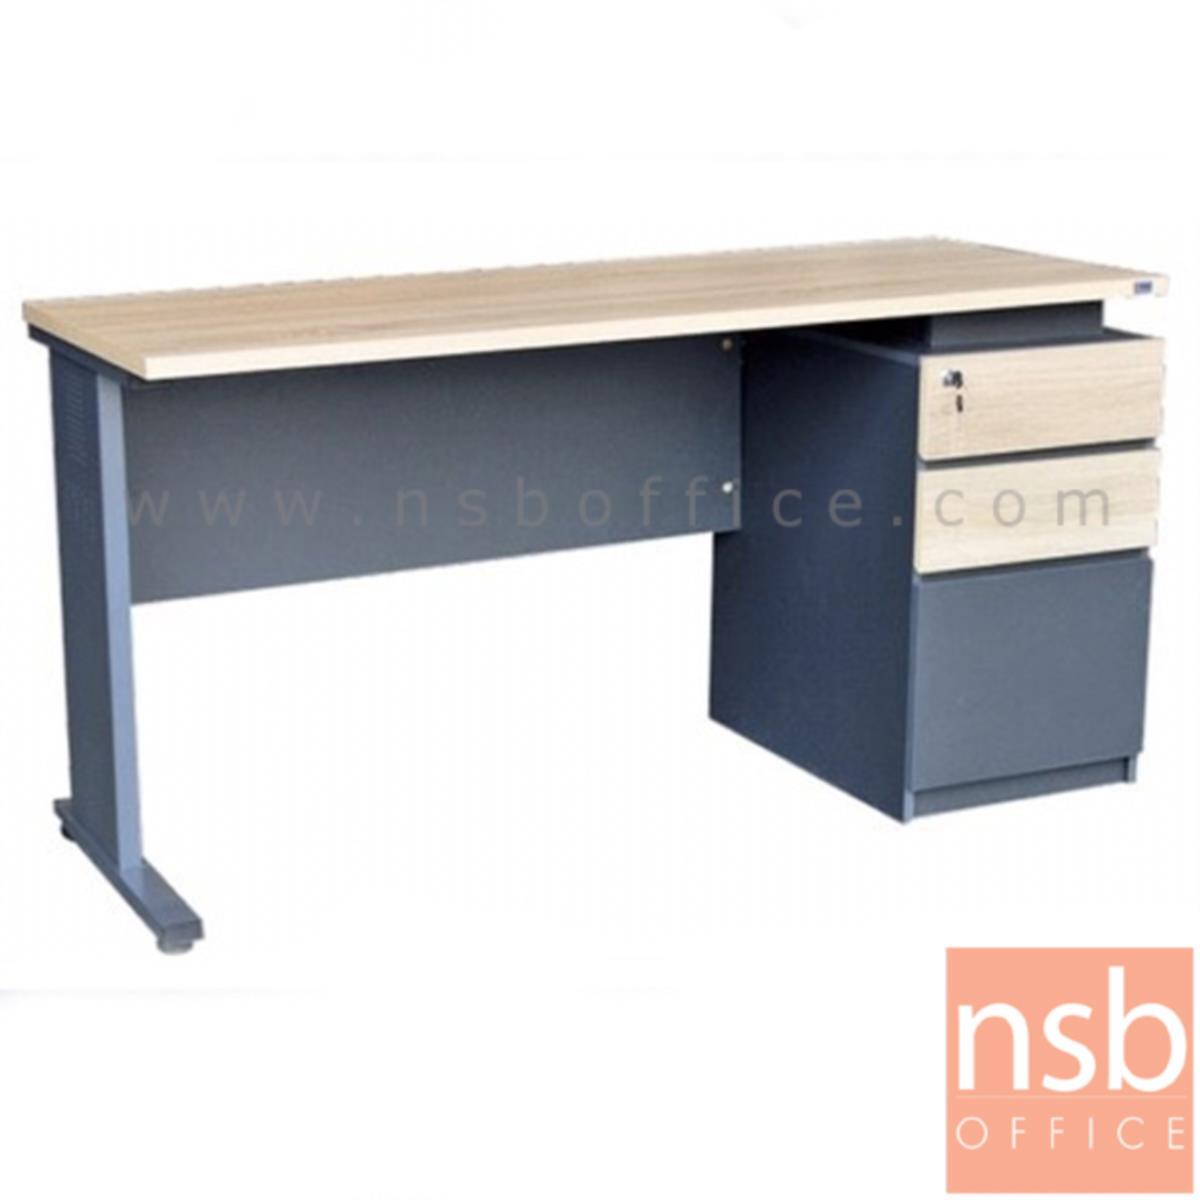 A10A068:โต๊ะทำงาน 3 ลิ้นชัก  รุ่น Cybrog (ไซบอร์ค) ขนาด 150W cm. ขาเหล็ก  สีโซลิคตัดเทาเข้มหรือสีมูจิตัดเทาเข้ม